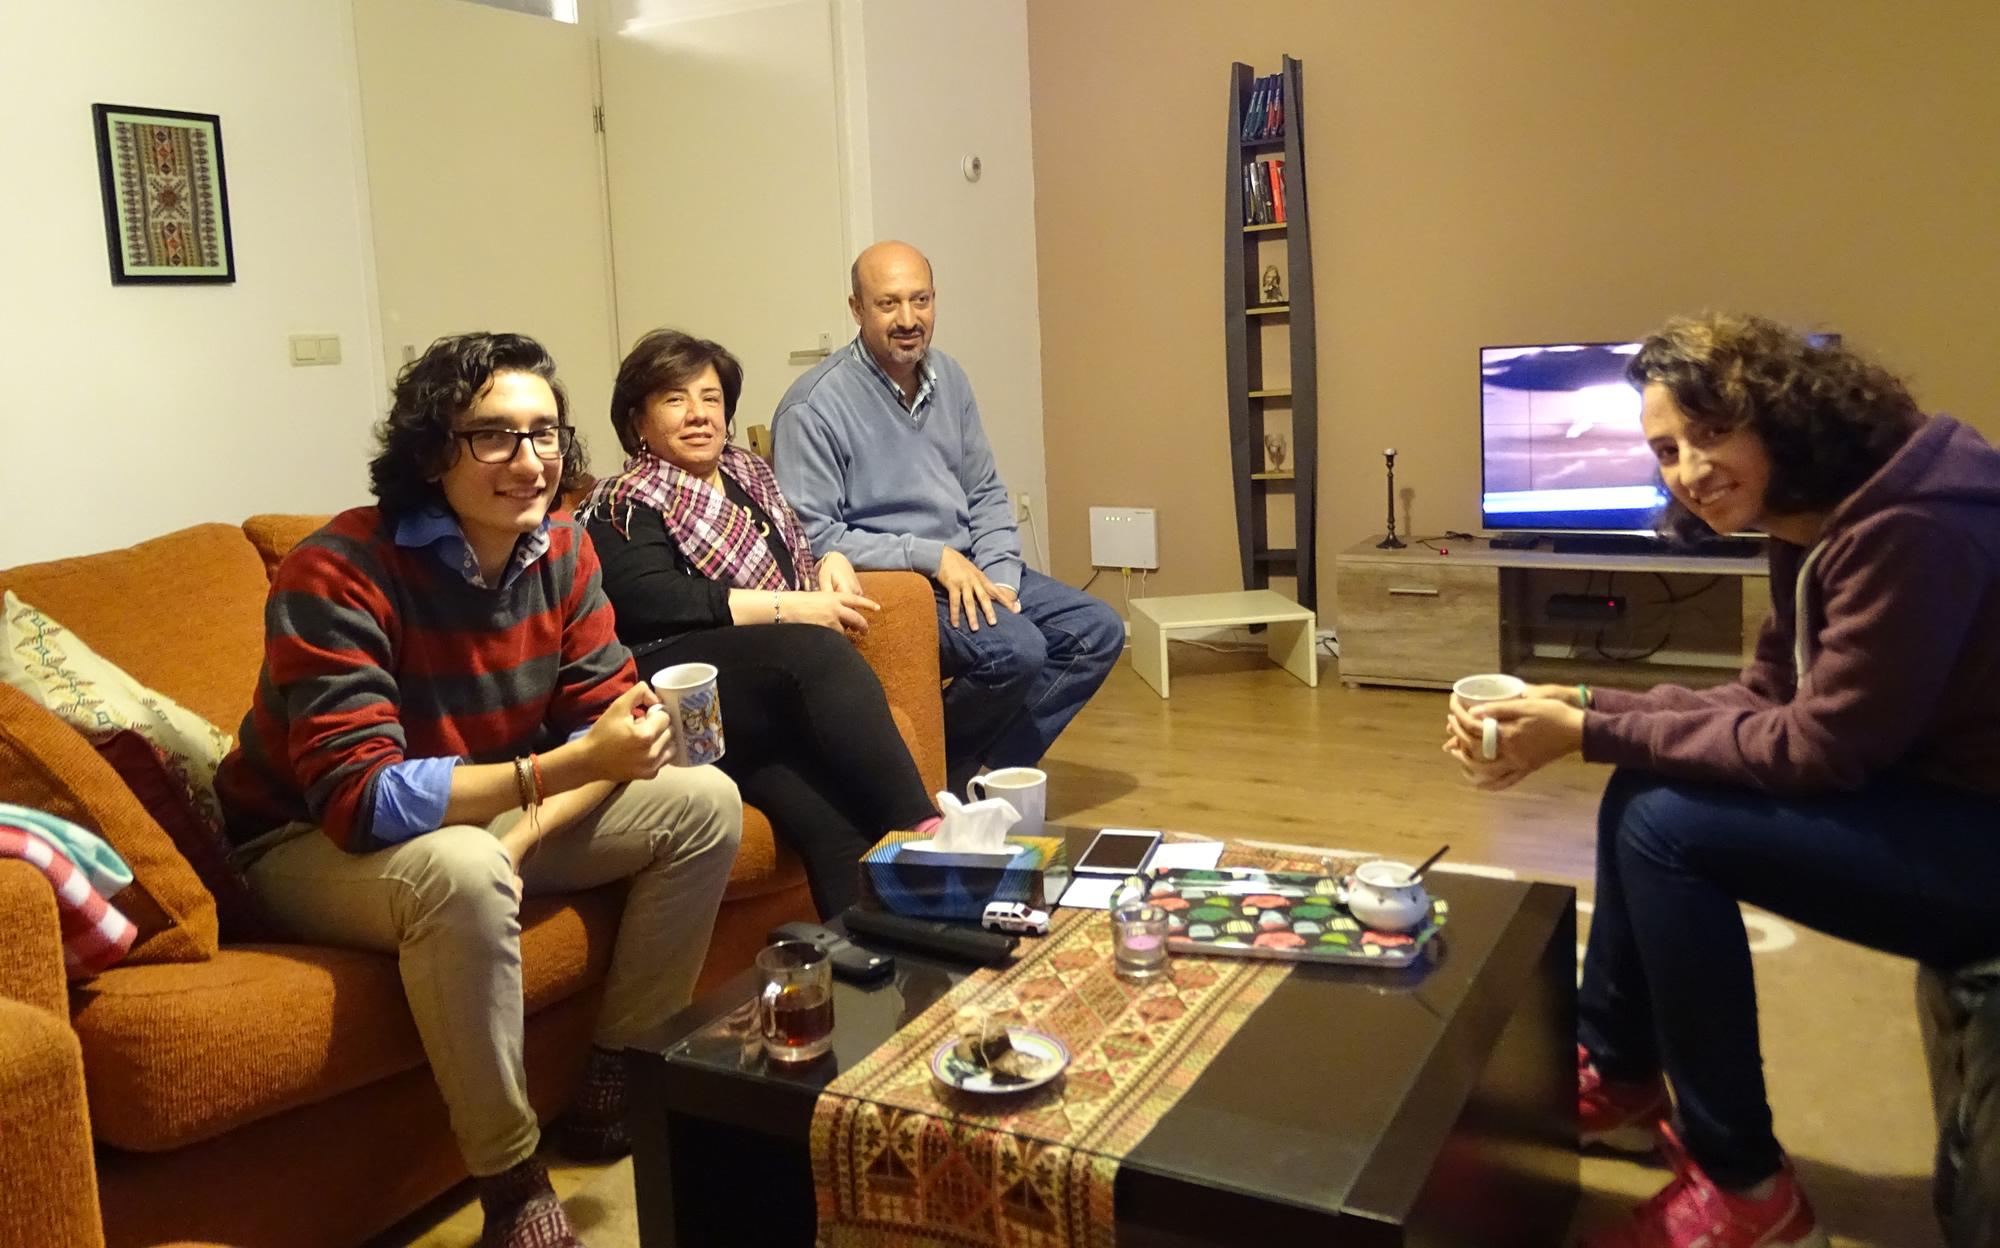 Syrische vluchtelingen warm onthaald in tubbergen - Haard thuis wereld ...